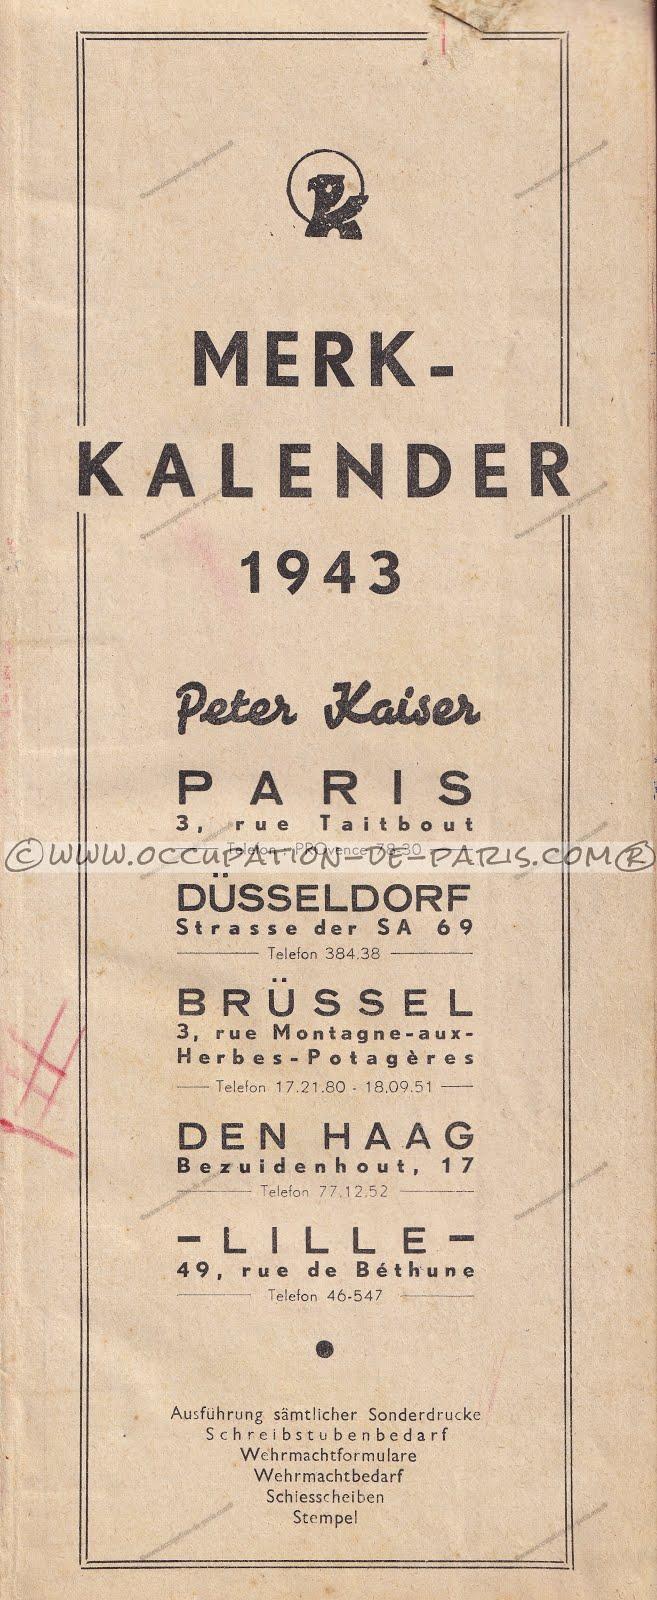 Agenda Peter Kaiser